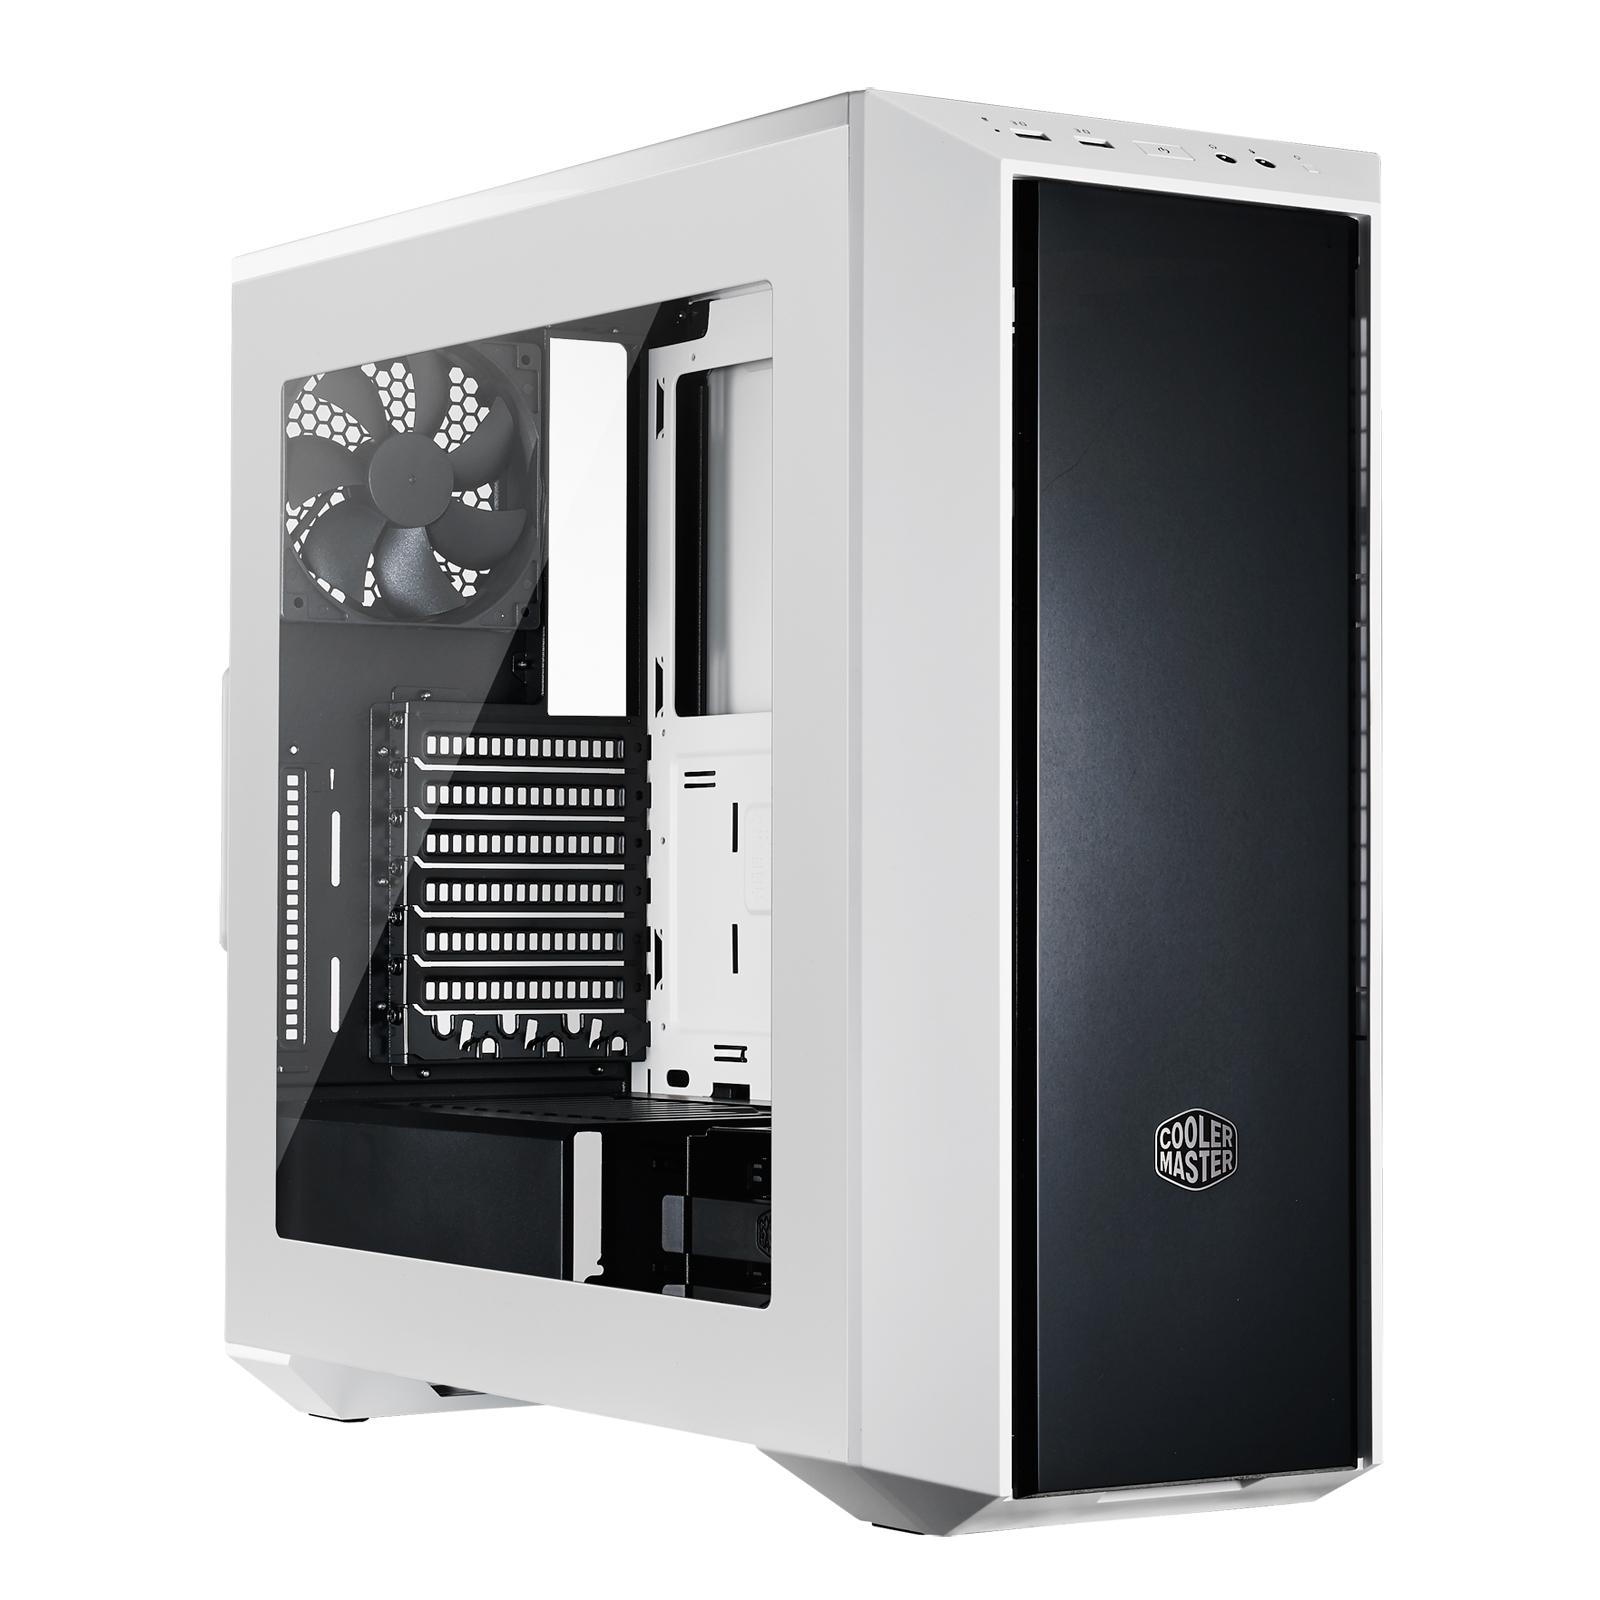 Boitier PC Cooler Master MasterBox 5 blanc sans alim, informatique ile de la Réunion 974